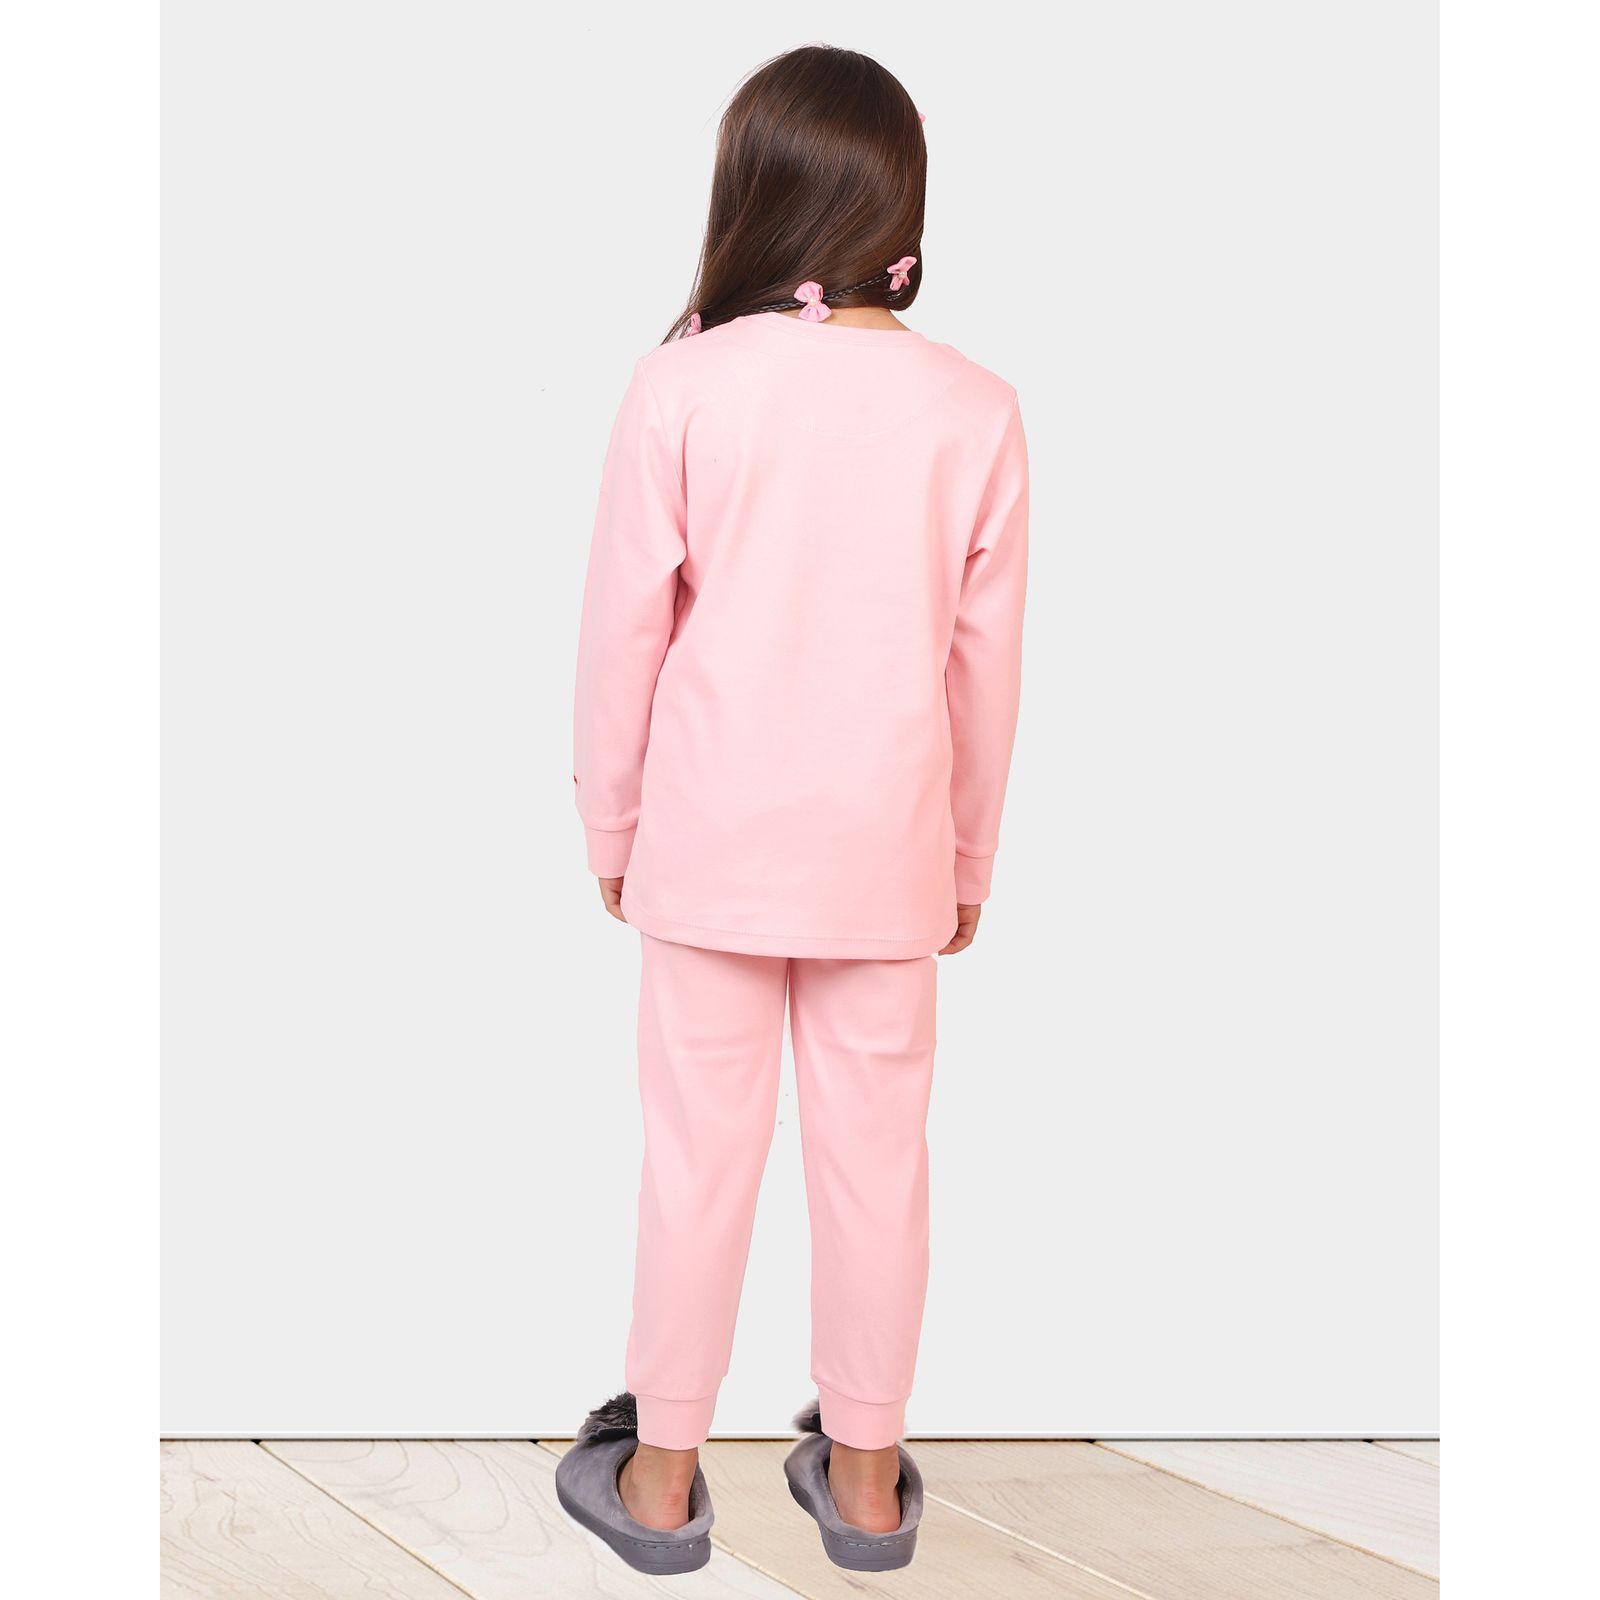 ست تی شرت و شلوار دخترانه مادر مدل 303-84 main 1 10